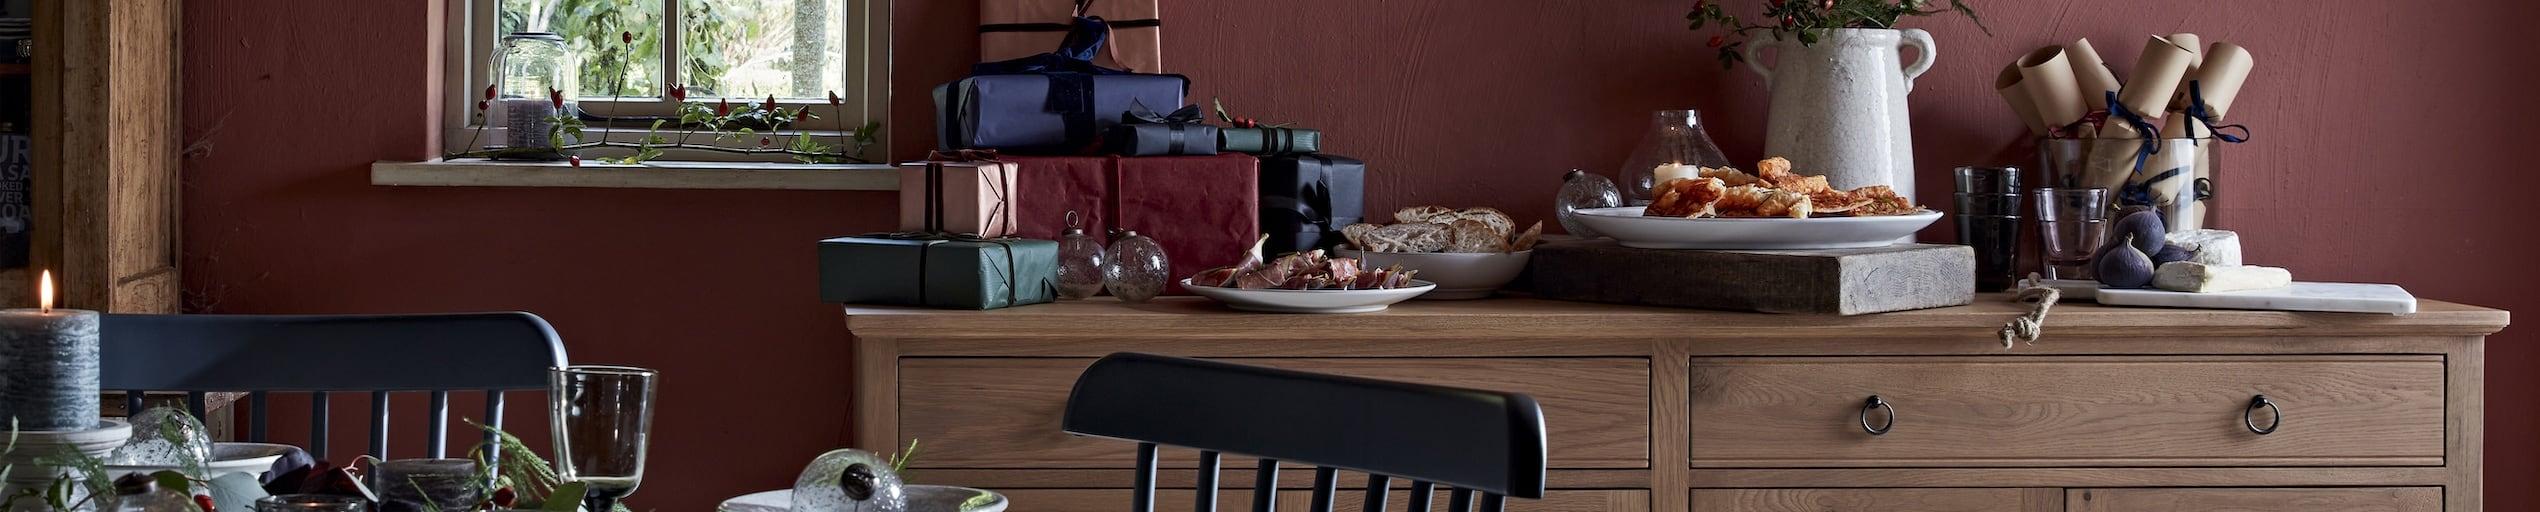 Christmas & Gifts